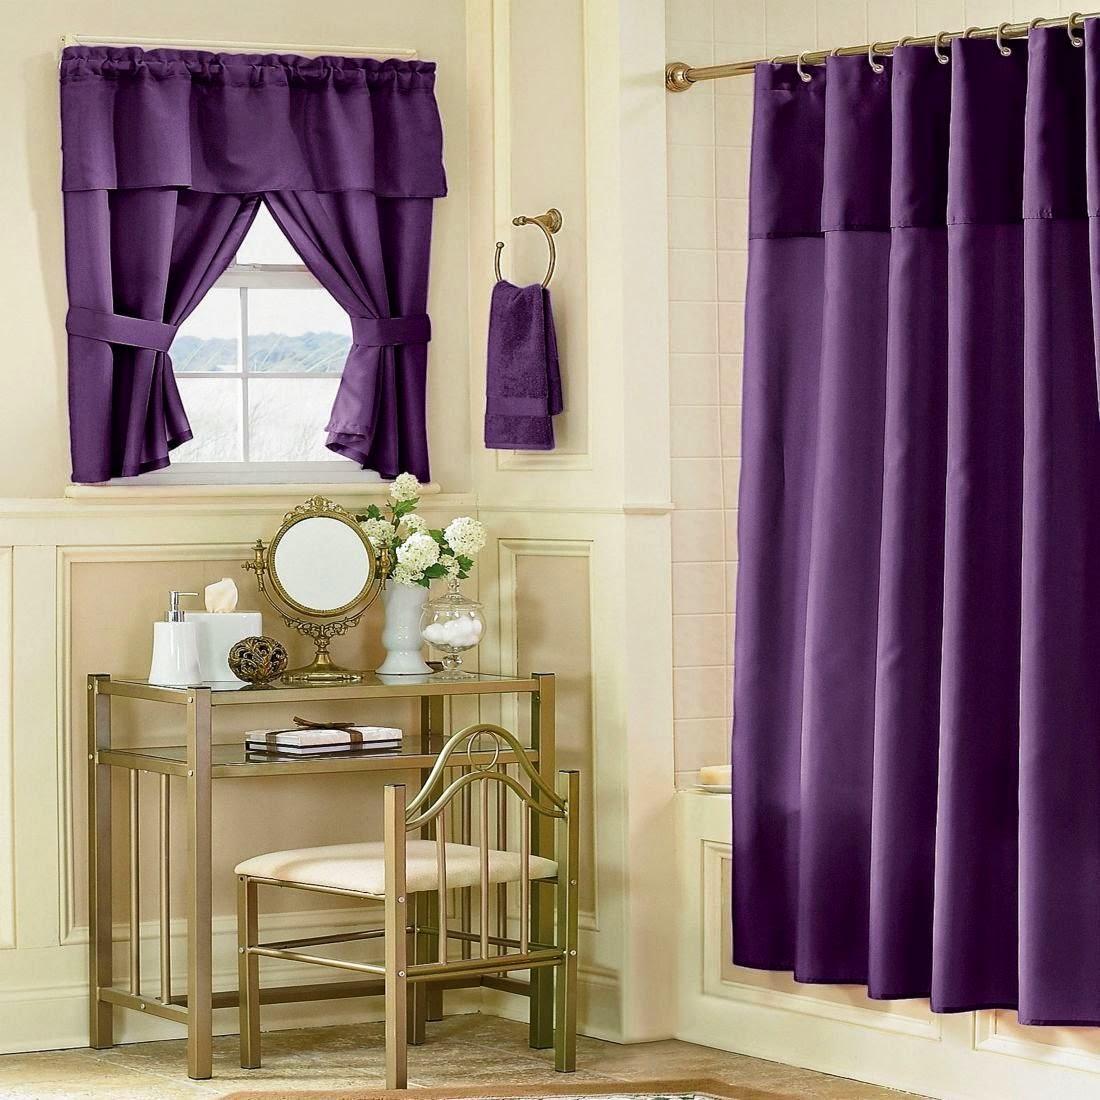 Cheap purple bathroom accessories - Cheap Purple Bathroom Accessories 71